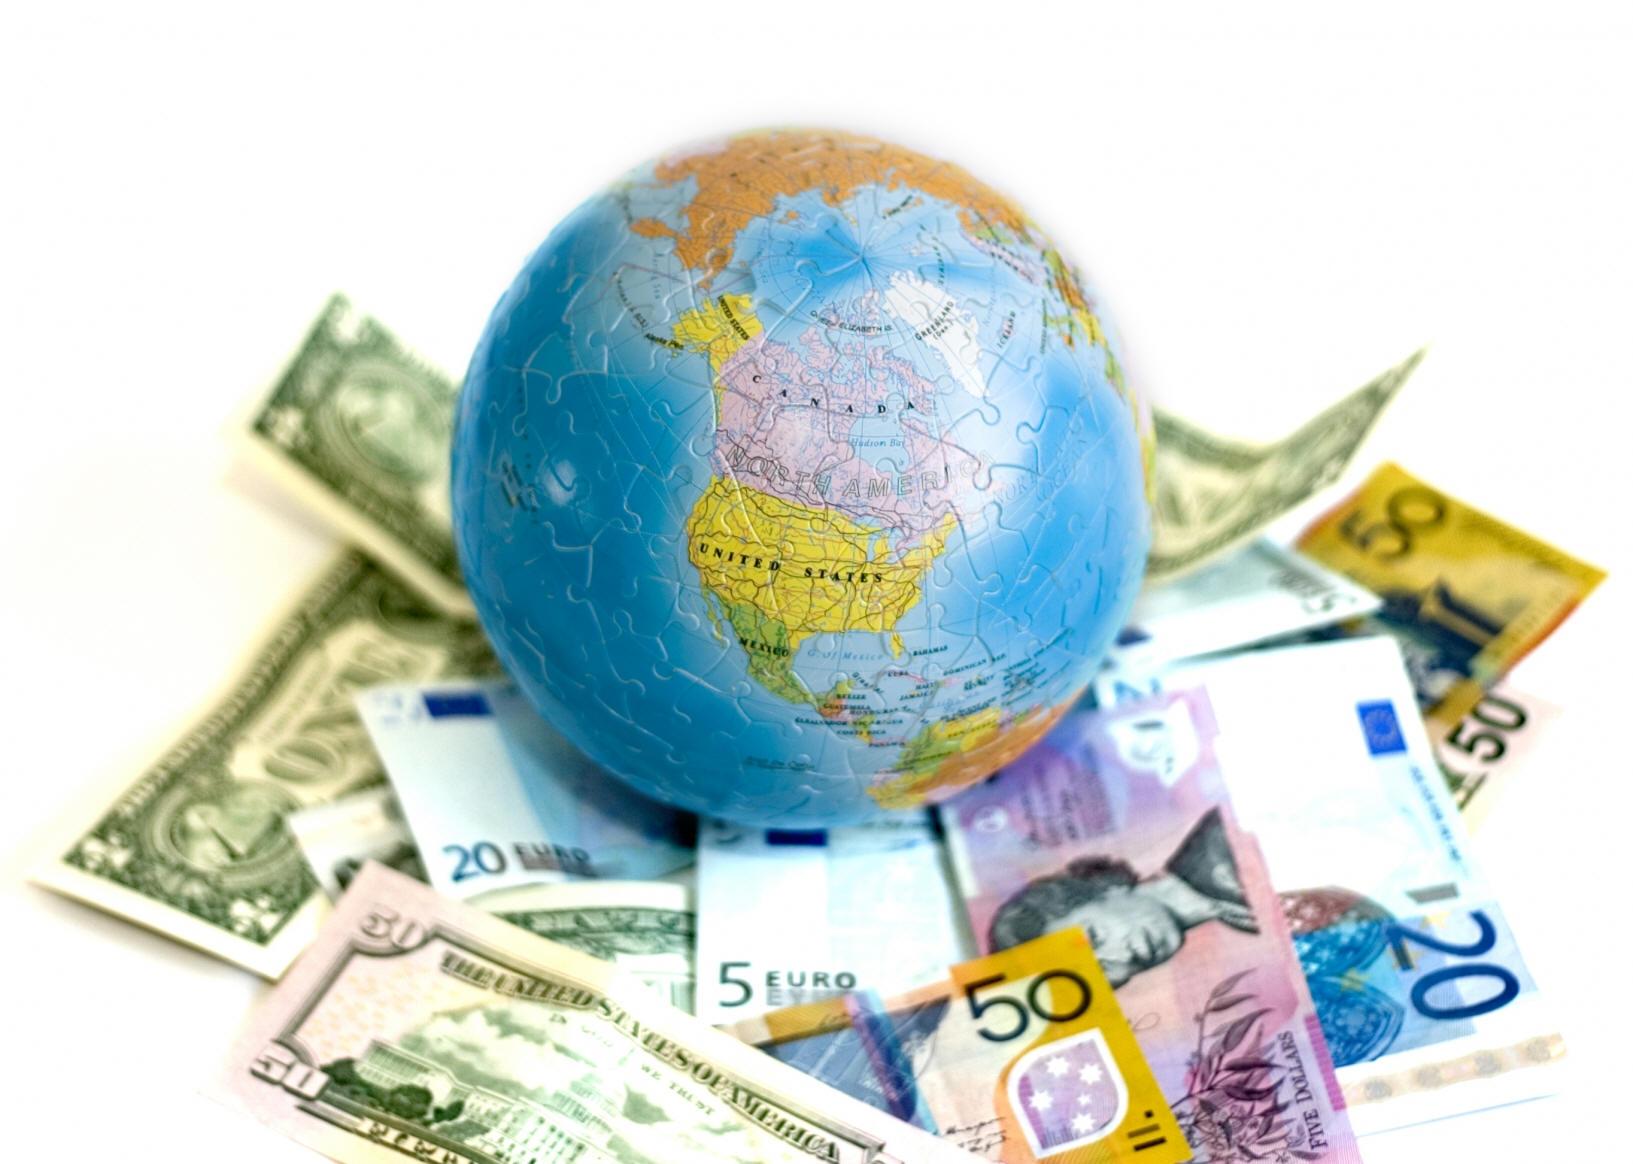 La diversification géographique académique aux antipodes de l'investissement dans la valeur ?